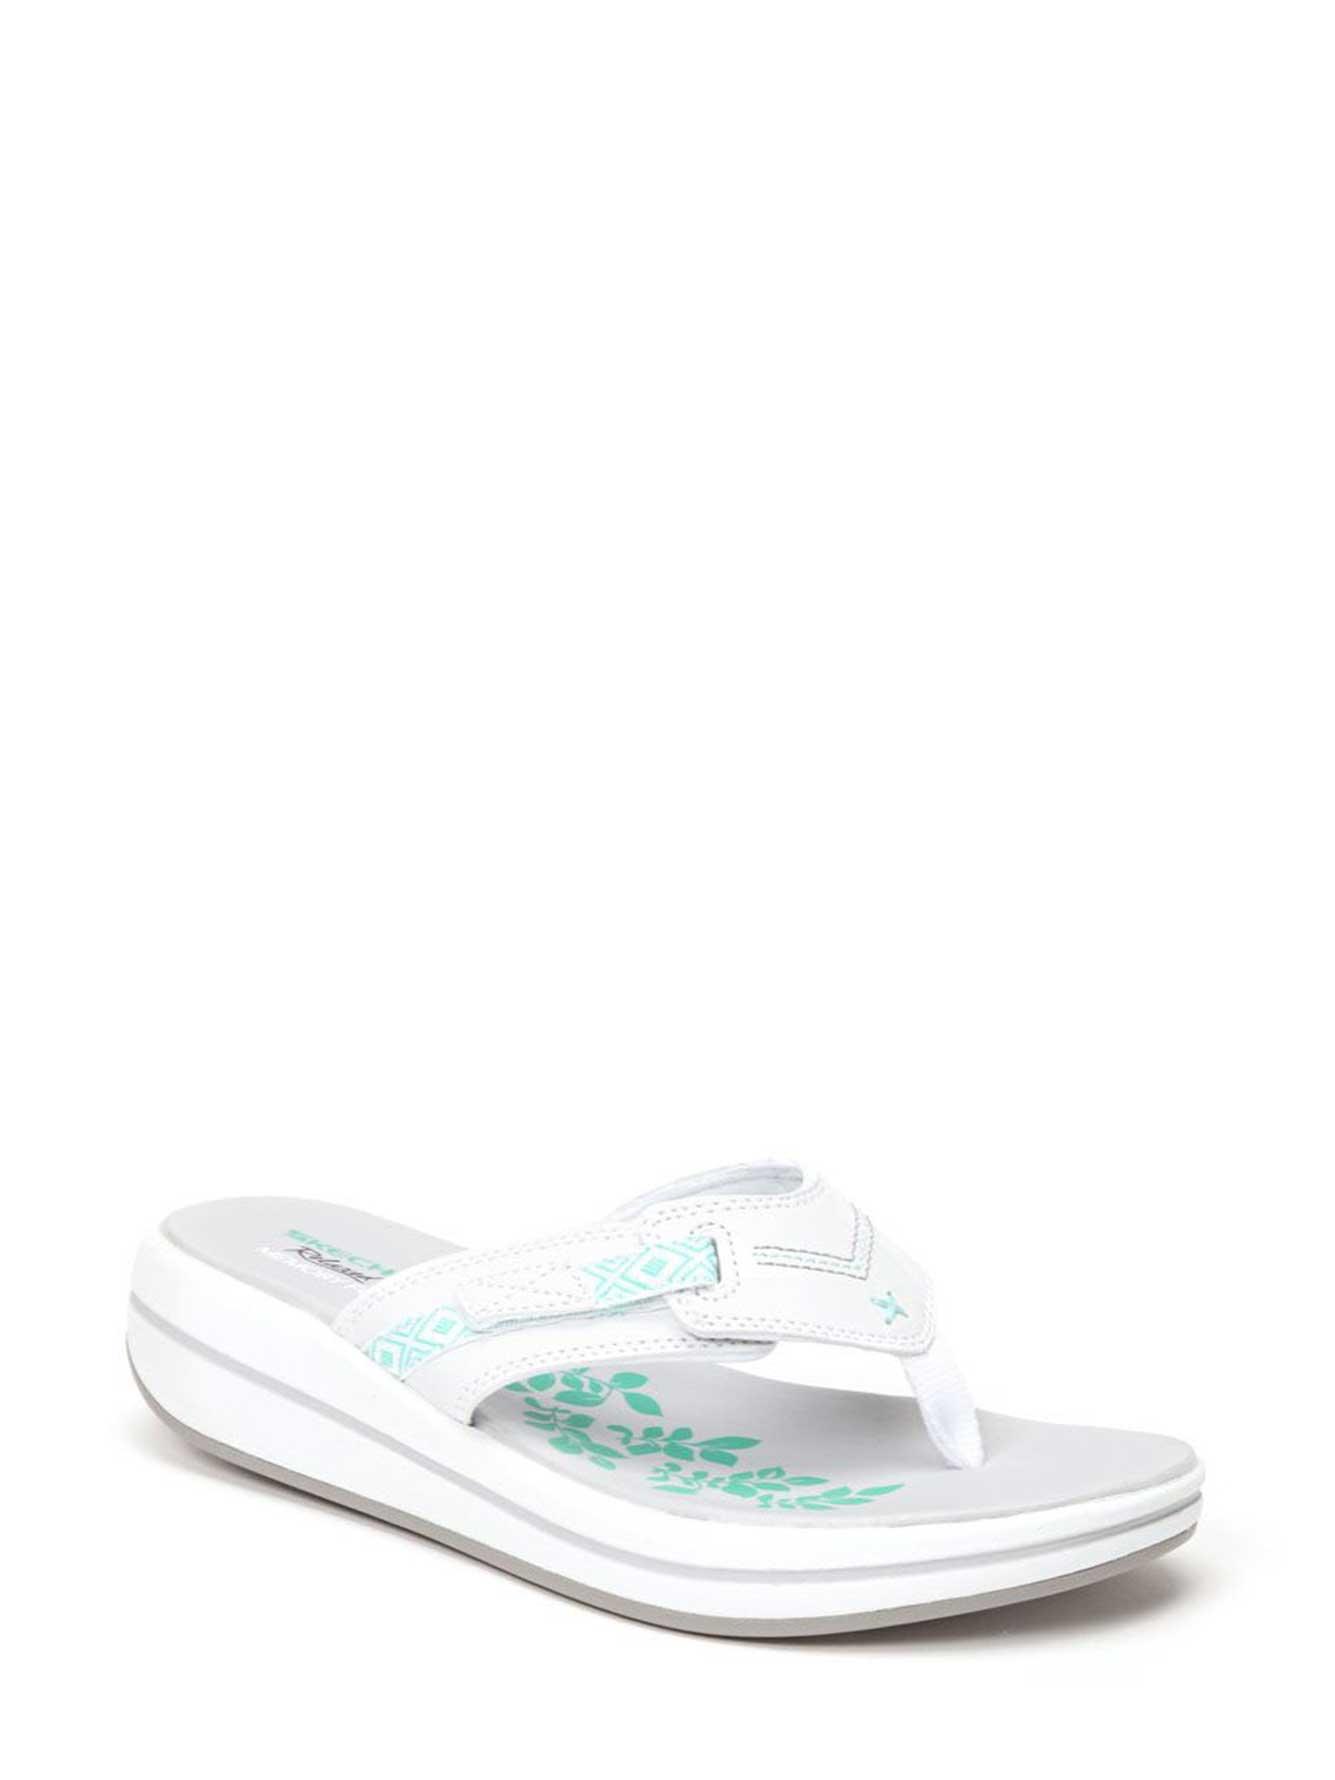 ebfdc81560e4 Skechers Wide-Width Flip Flop Sandals